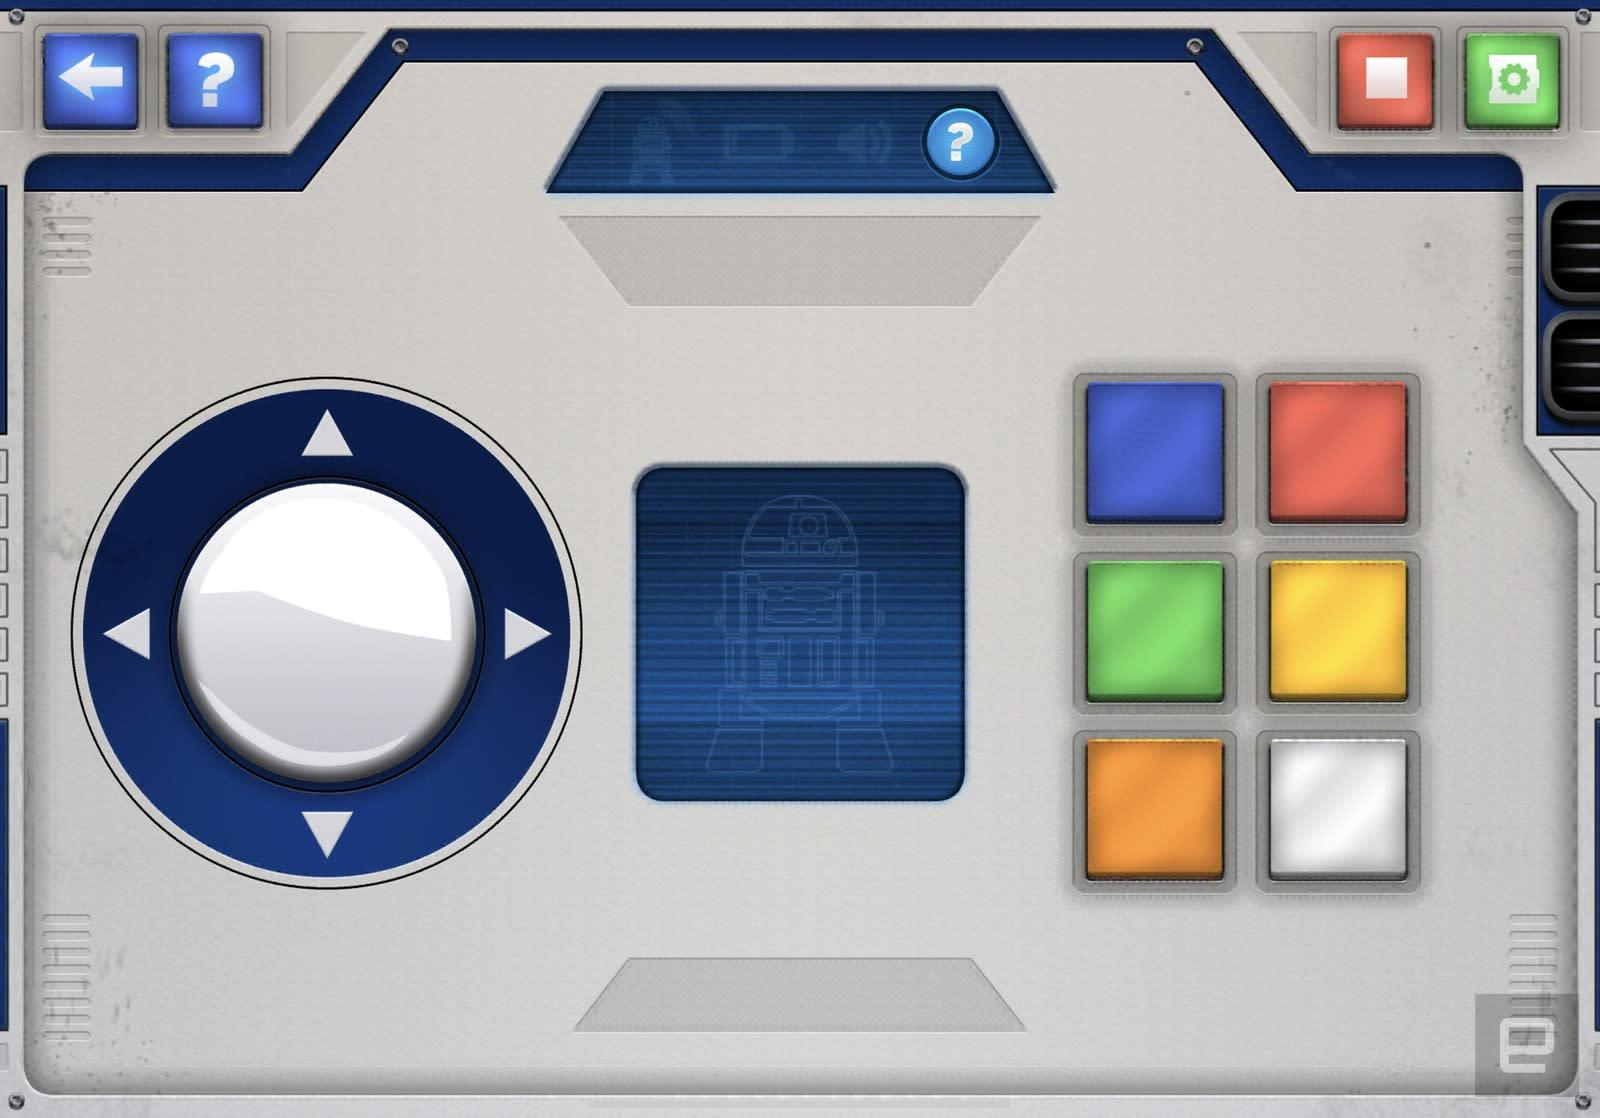 Lego Boost Droid Commander 软件界面